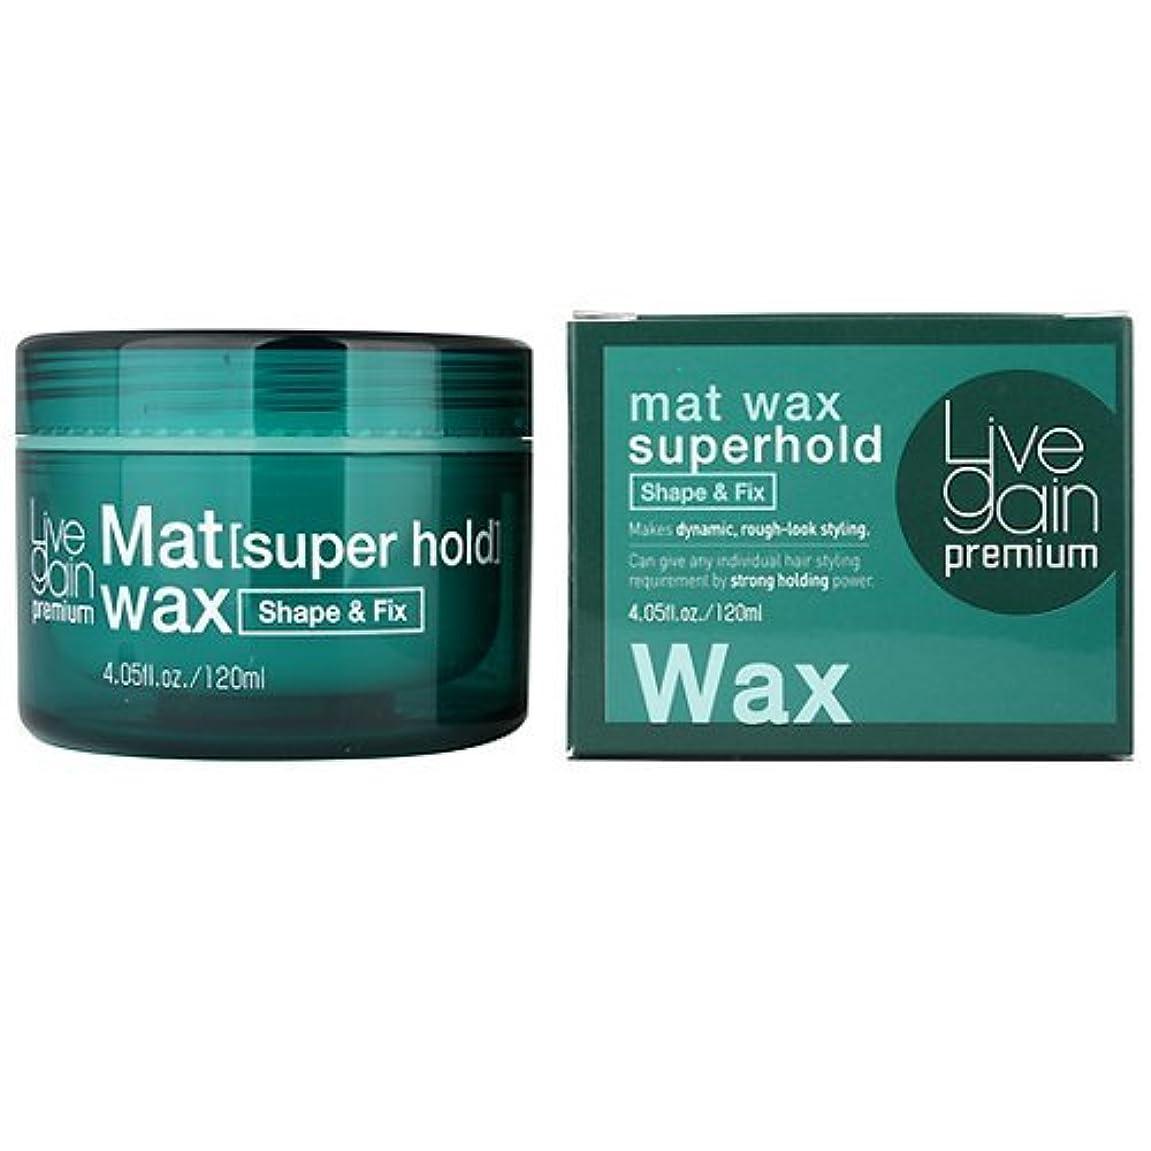 強化する規範異常Livegain プレミアム マット ワックス スーパーホールド 120ml マット ヘア ワックス ストロング ホールド (Premium Mat Wax Superhold 120ml Matte Hair wax...